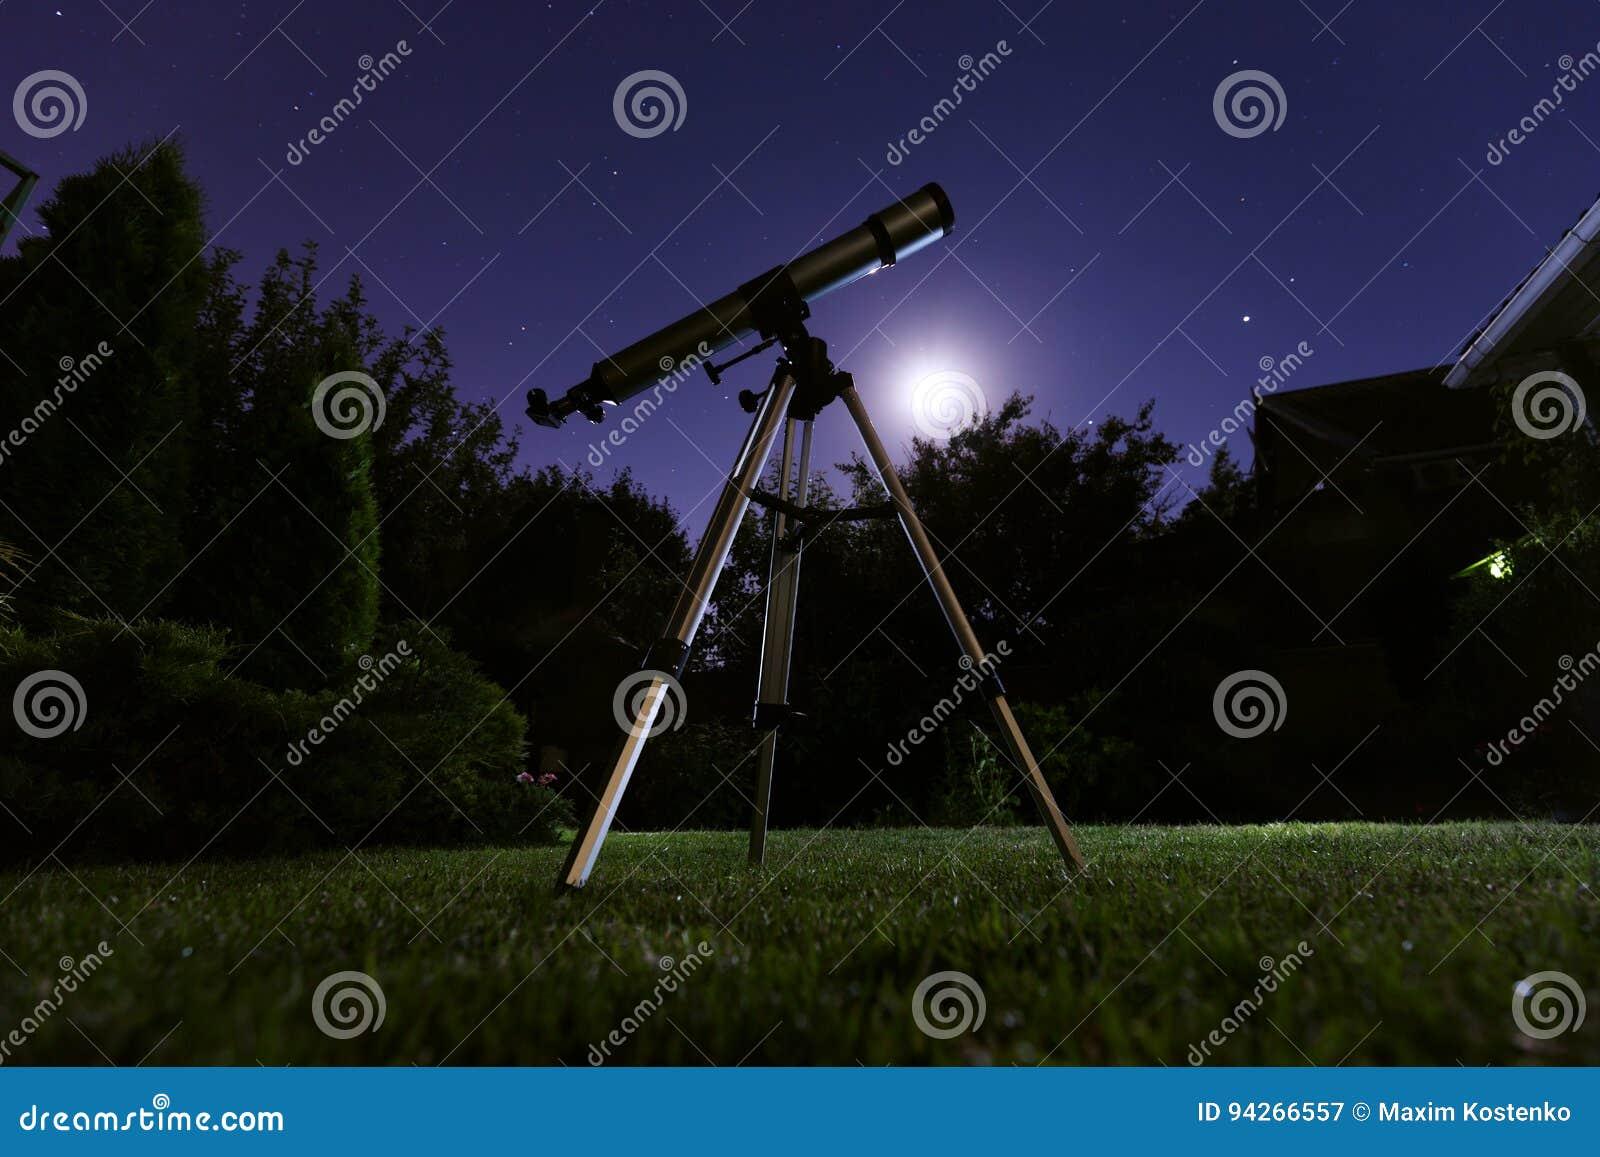 Ένα τηλεσκόπιο που στέκεται στο κατώφλι με το νυχτερινό ουρανό στο υπόβαθρο Αστρονομία και αστέρια που παρατηρούν την έννοια